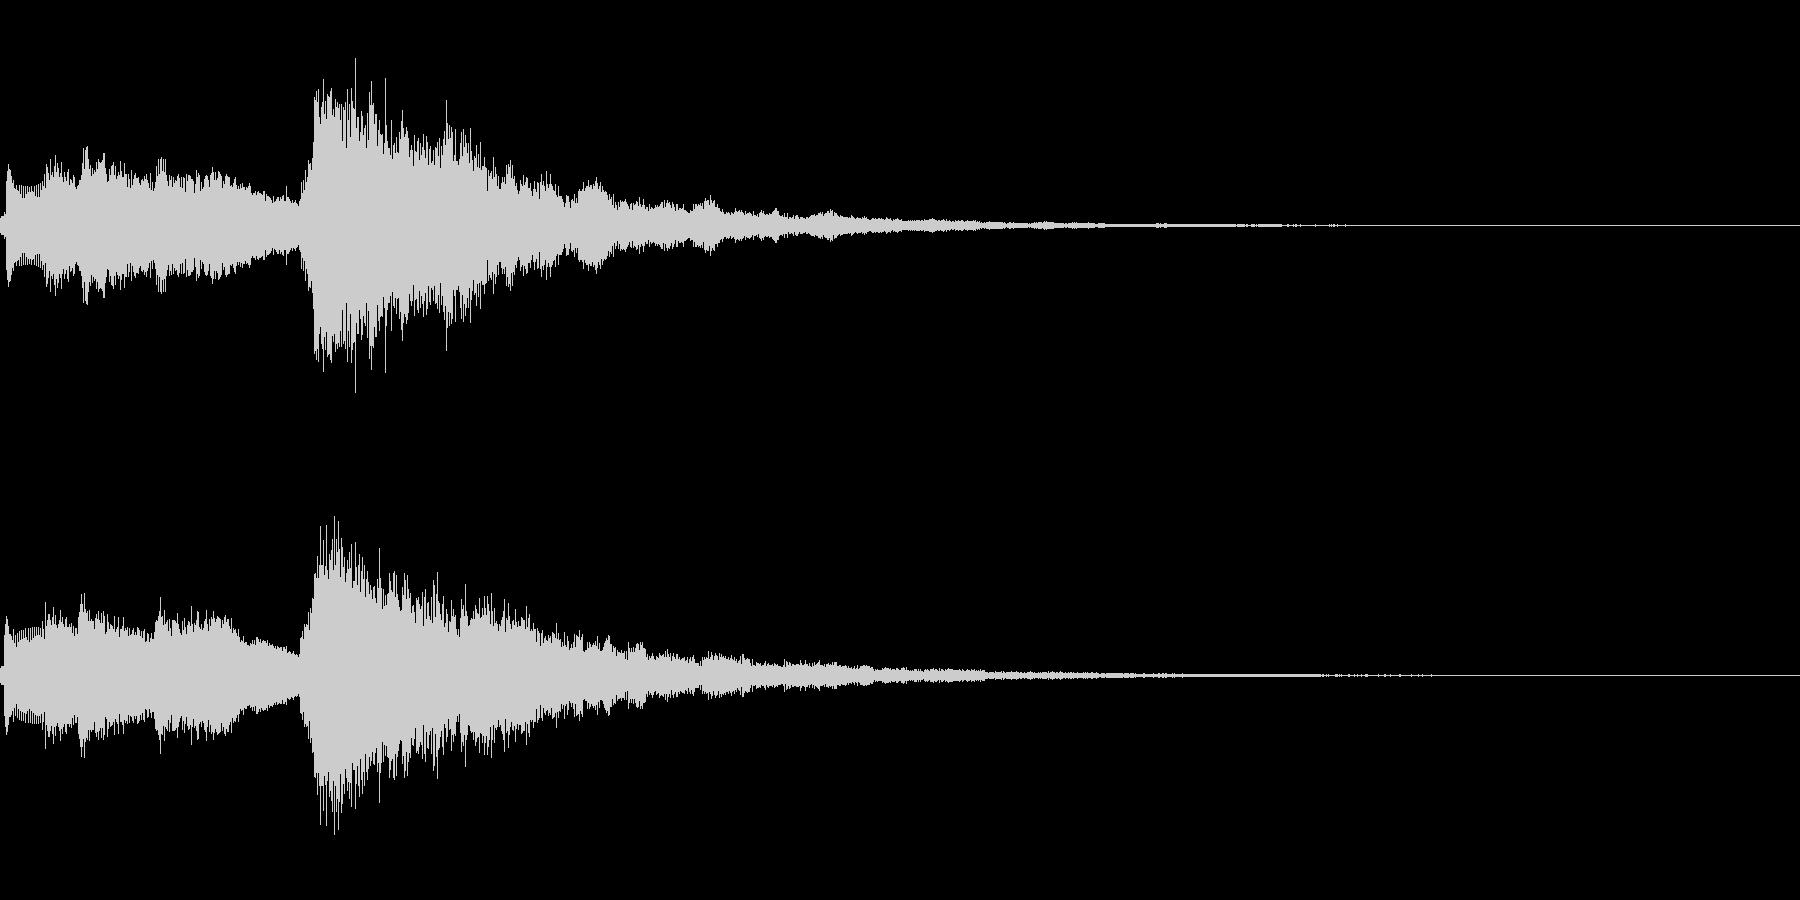 システム起動音_その7の未再生の波形